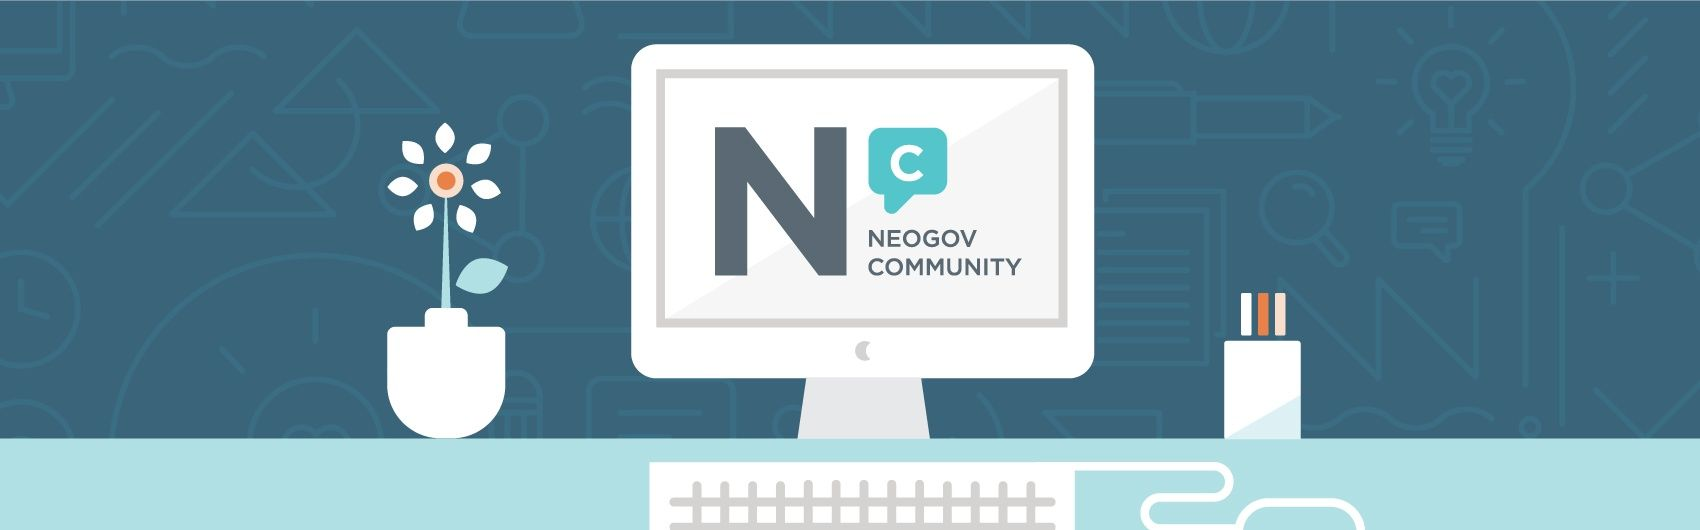 NEOGOV Launches New and Improved NEOGOV Community